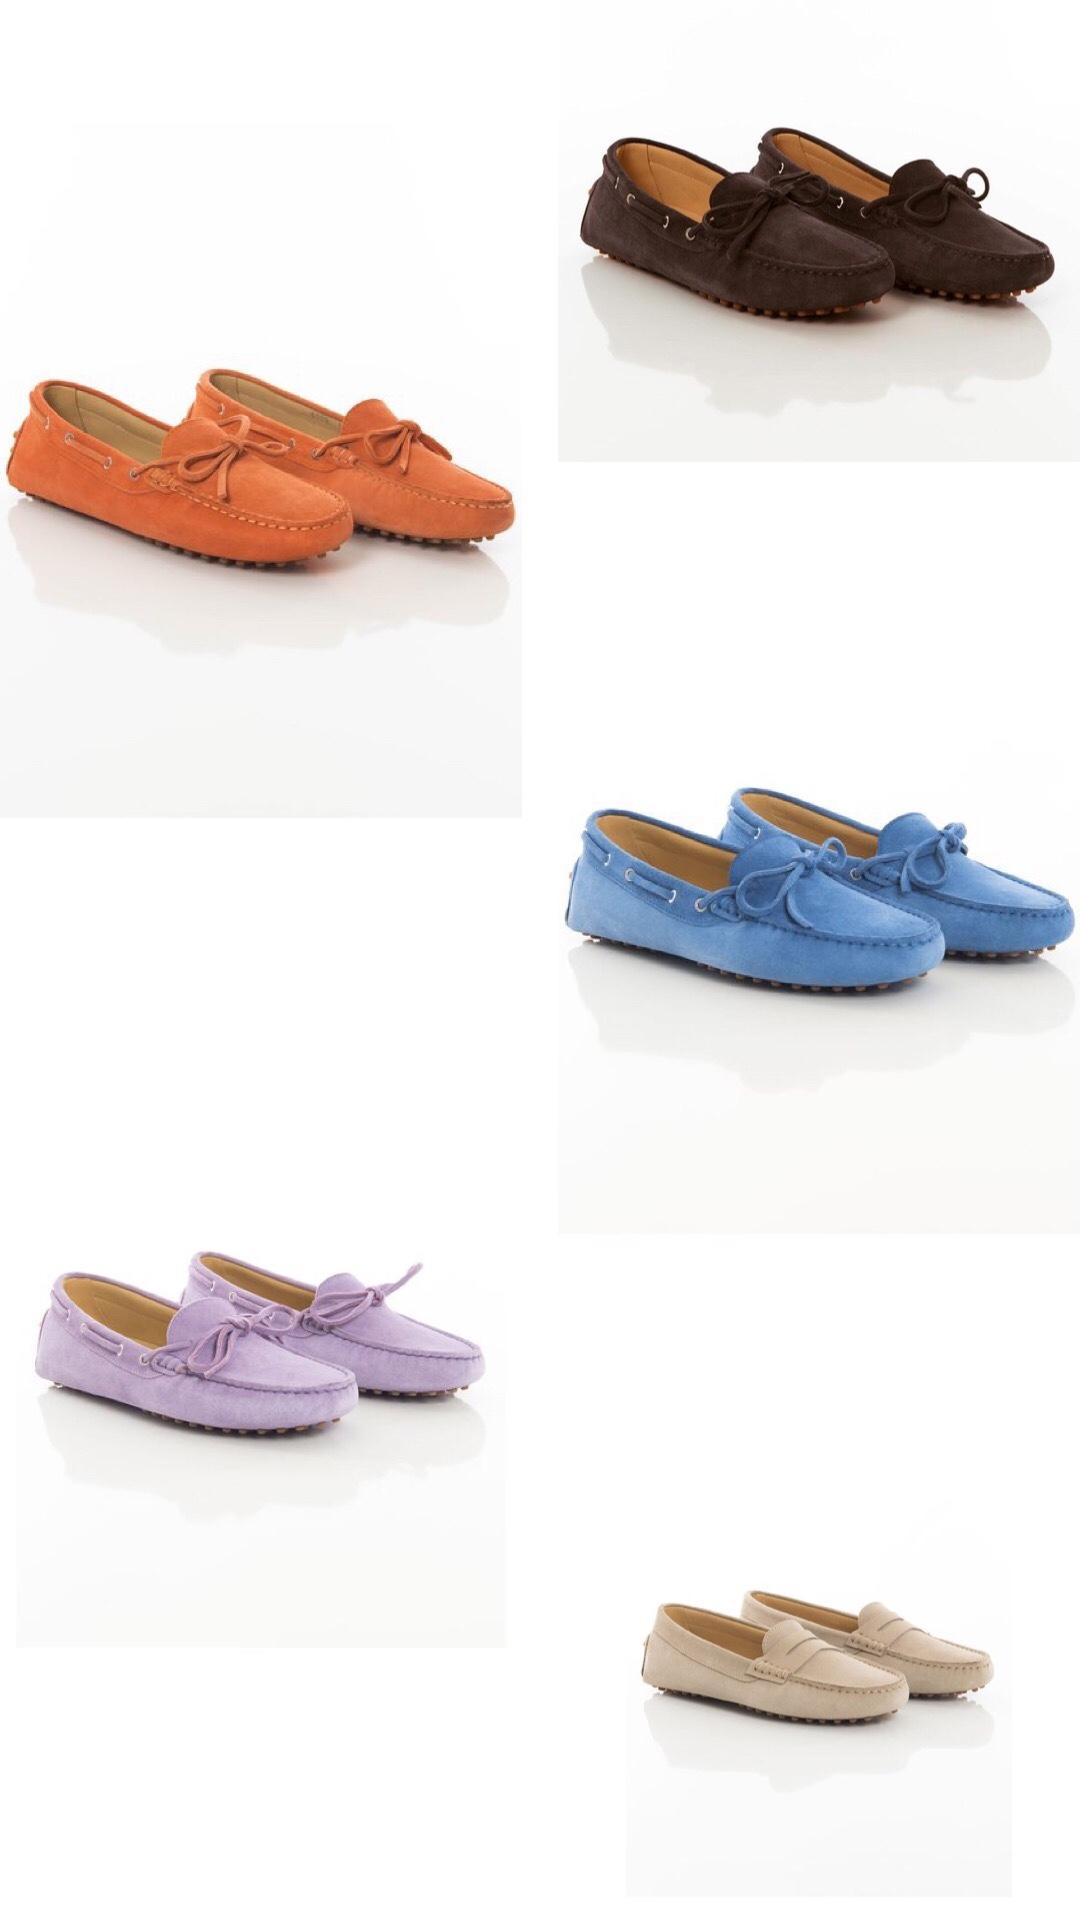 Rea på läckra loafers